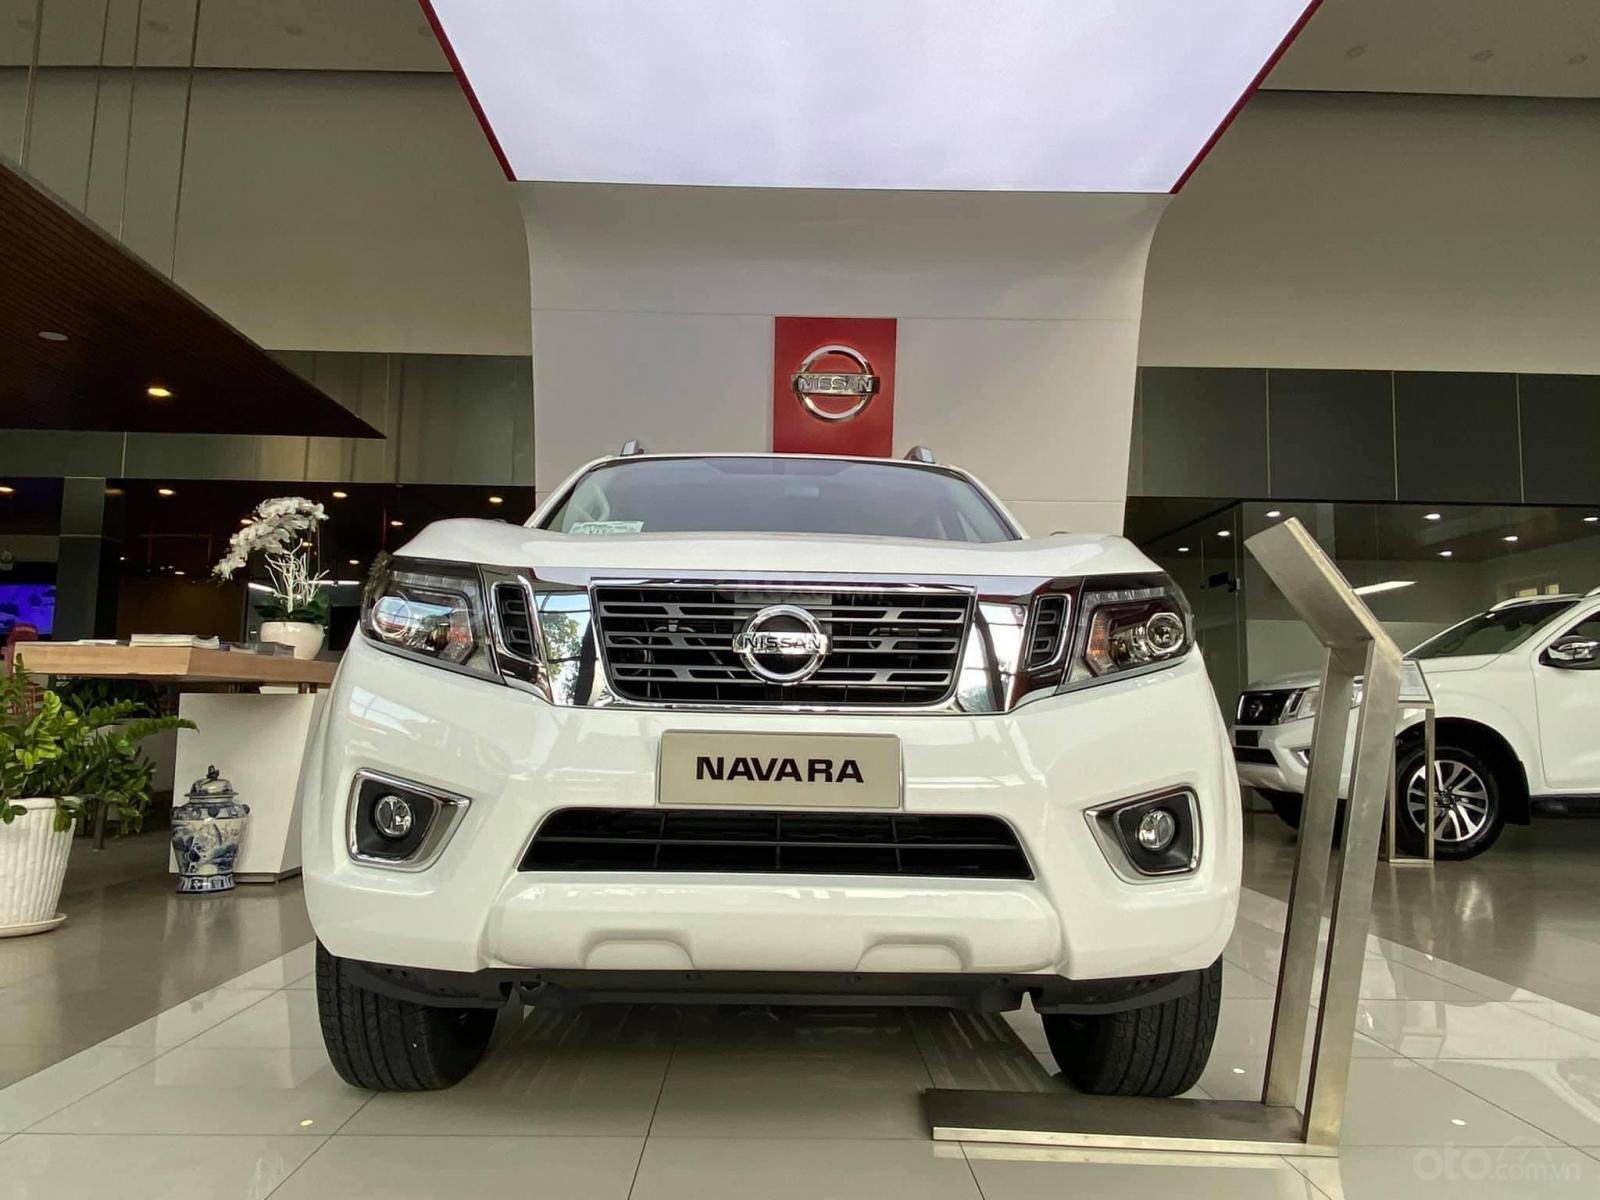 Nissan Navara El A-IVI 2020 đủ màu - Hỗ trợ vay ngân hàng 80% 200tr mang xe về (2)